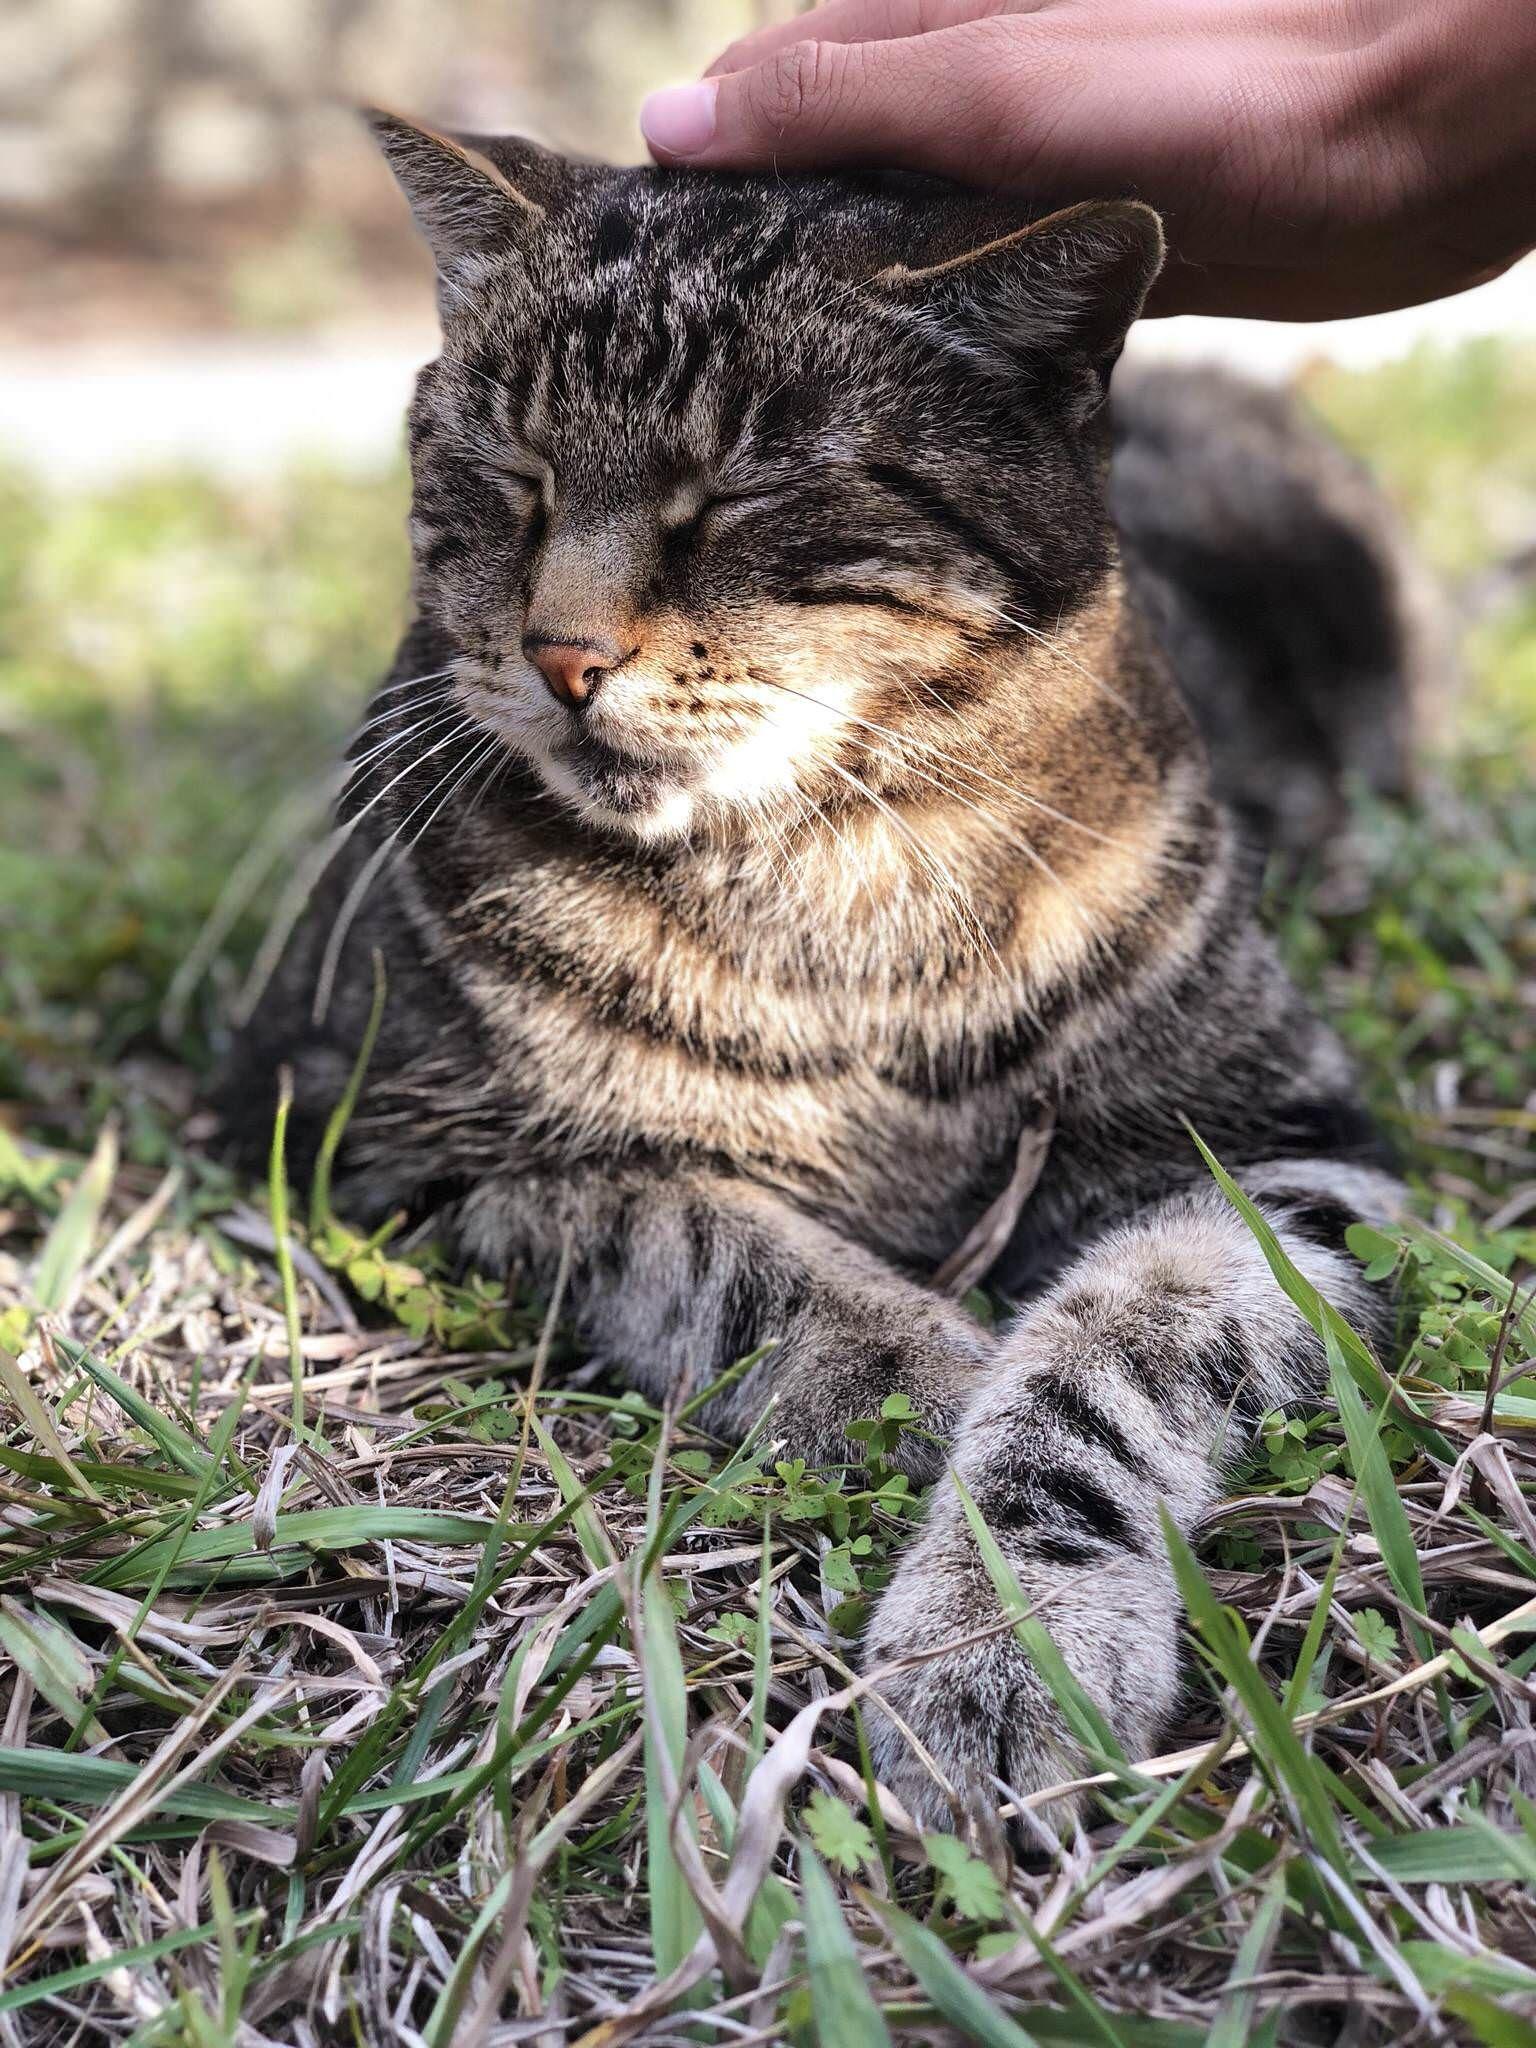 Neighborhood cat enjoying her head scratch http://ift.tt/2BSJw3U